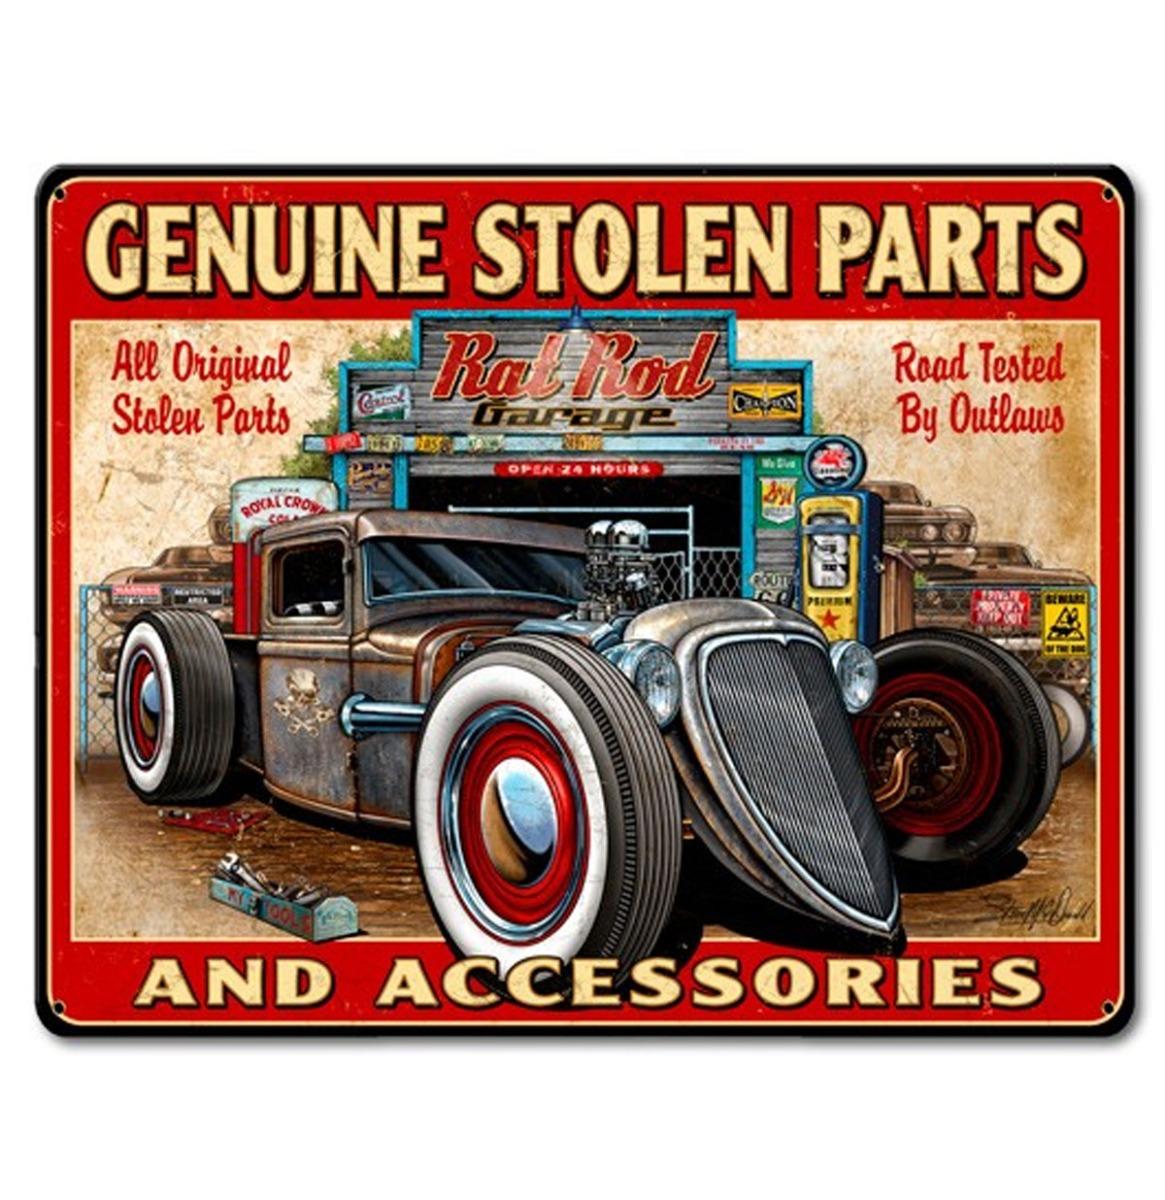 Genuine Stolen Parts And Accessories Zwaar Metalen Bord 40 x 30 cm